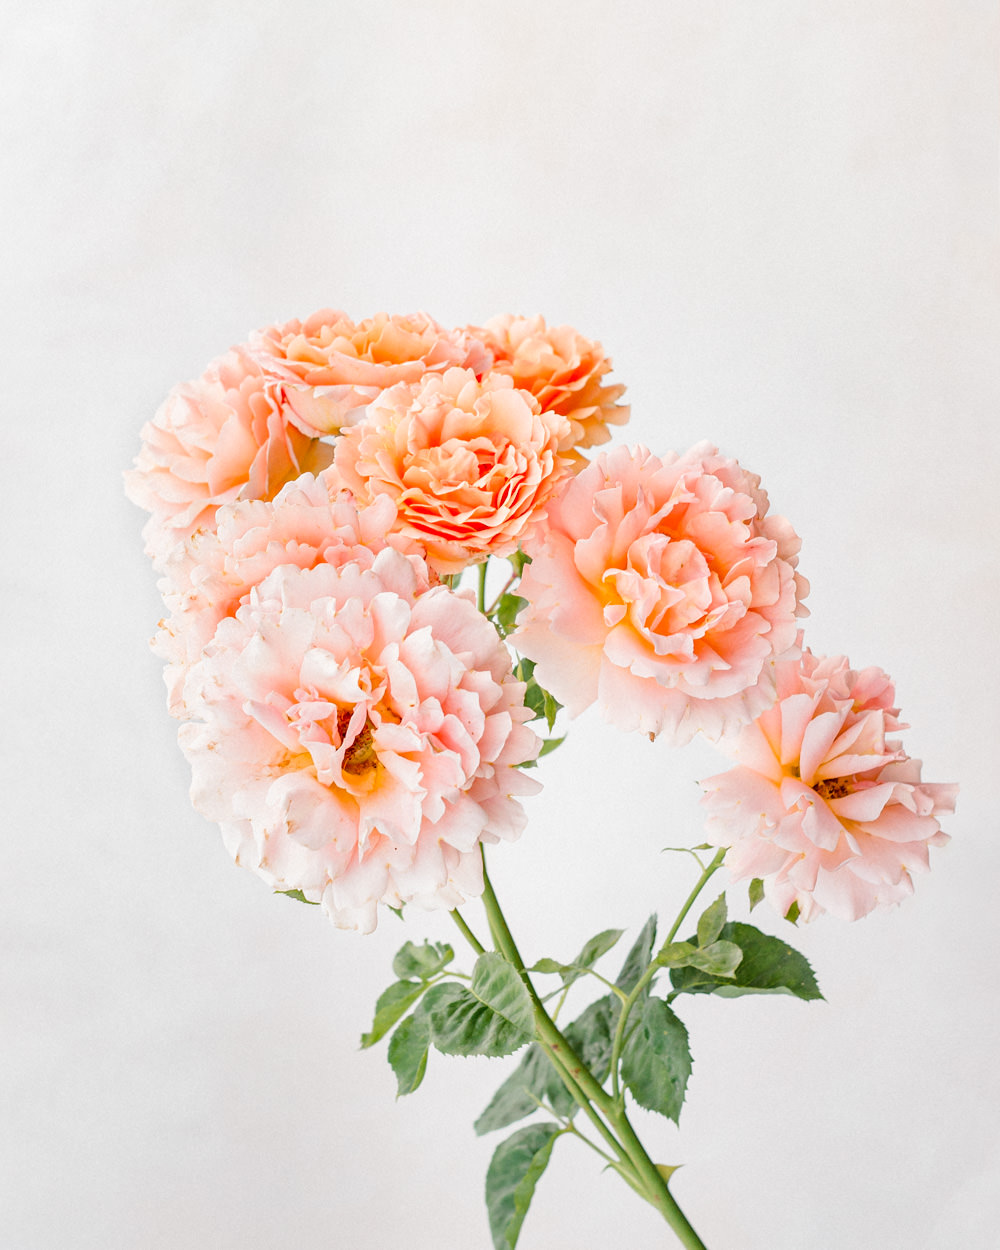 The Best Lenses for Flower Photography